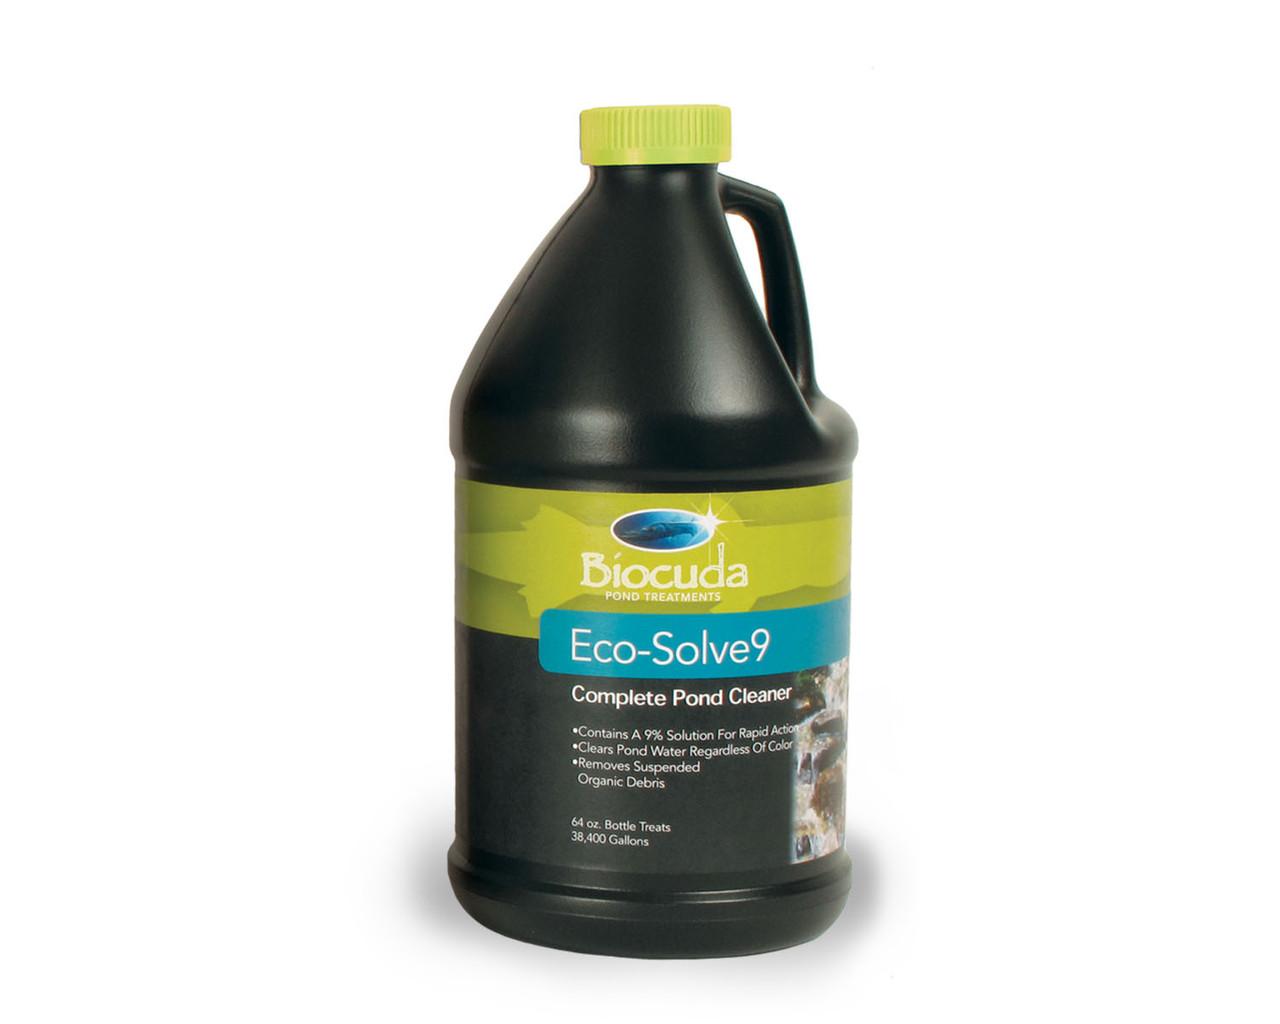 Биопрепарат Eco-Solv9, 1.8 л